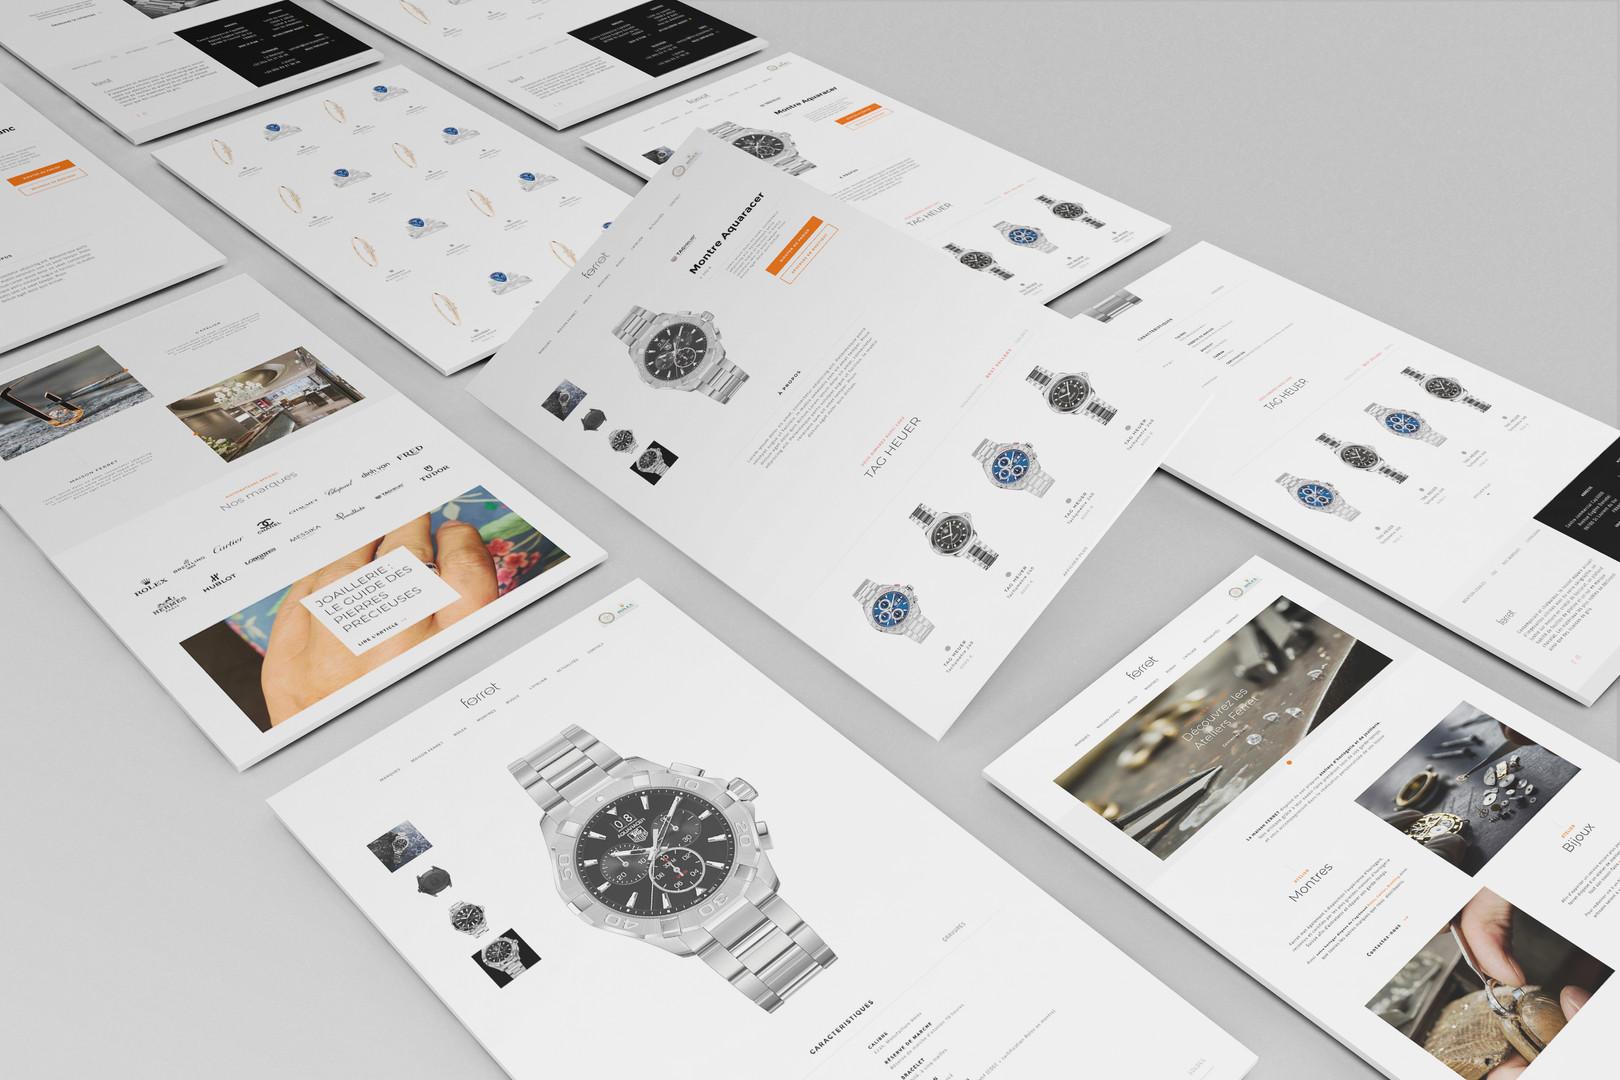 ferret joaillier web design 1.jpg